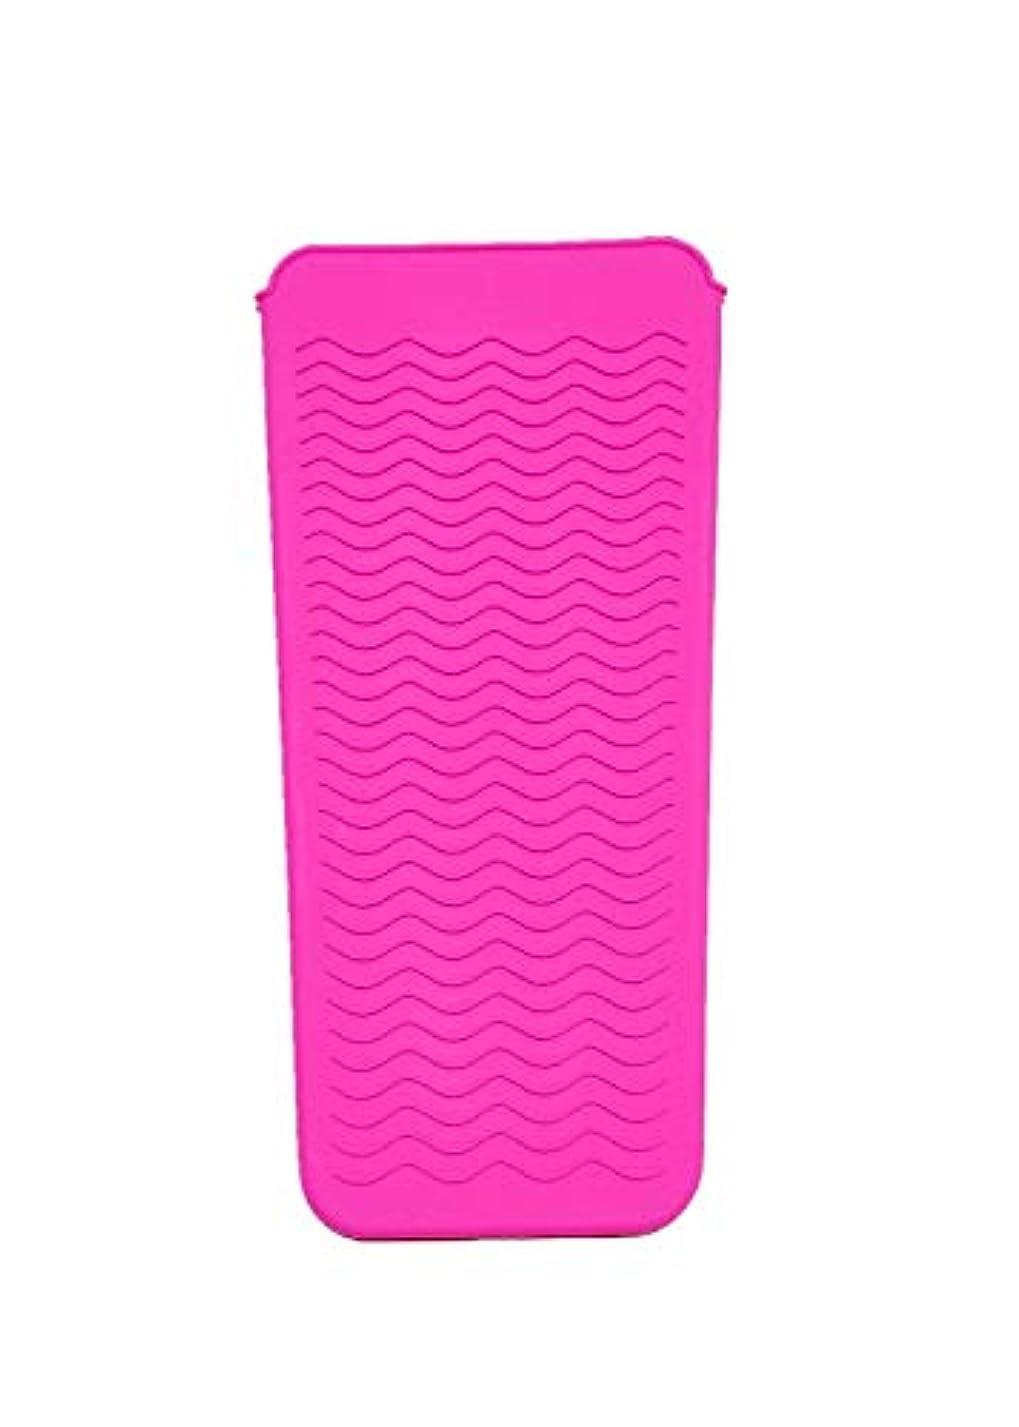 工夫するにんじん主流FChome耐熱シリコンマットポーチ、ストレートヘアアイロン、ヘアアイロン、フラットアイアンおよびトラベルマット、ホットスタイリングツール(ピンク)